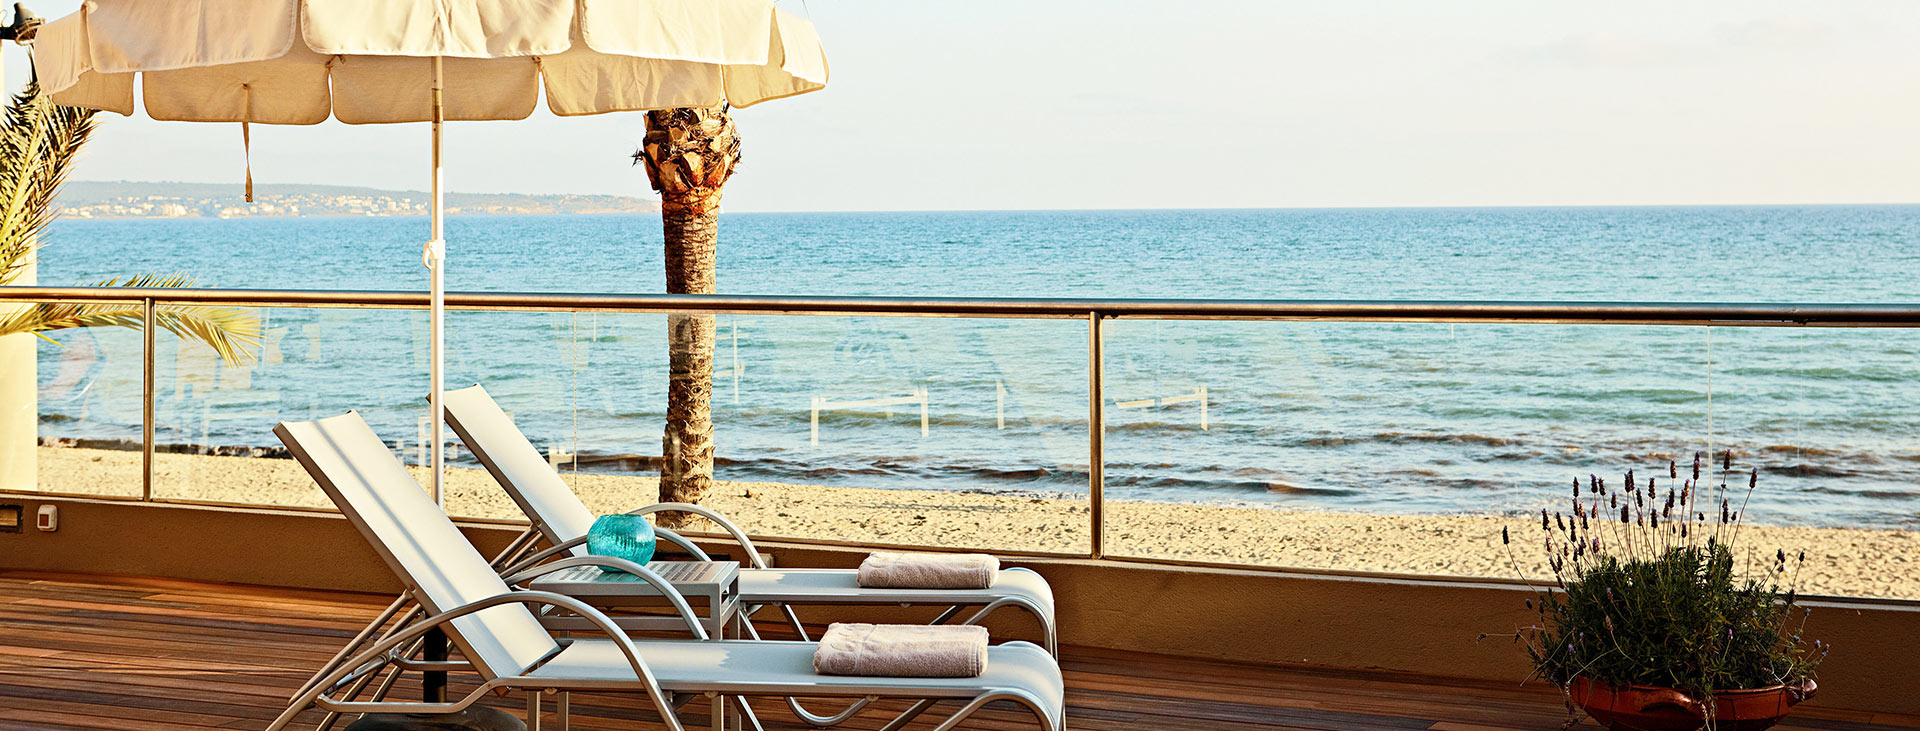 Sunprime Palma Beach, Playa de Palma, Mallorca, Spania